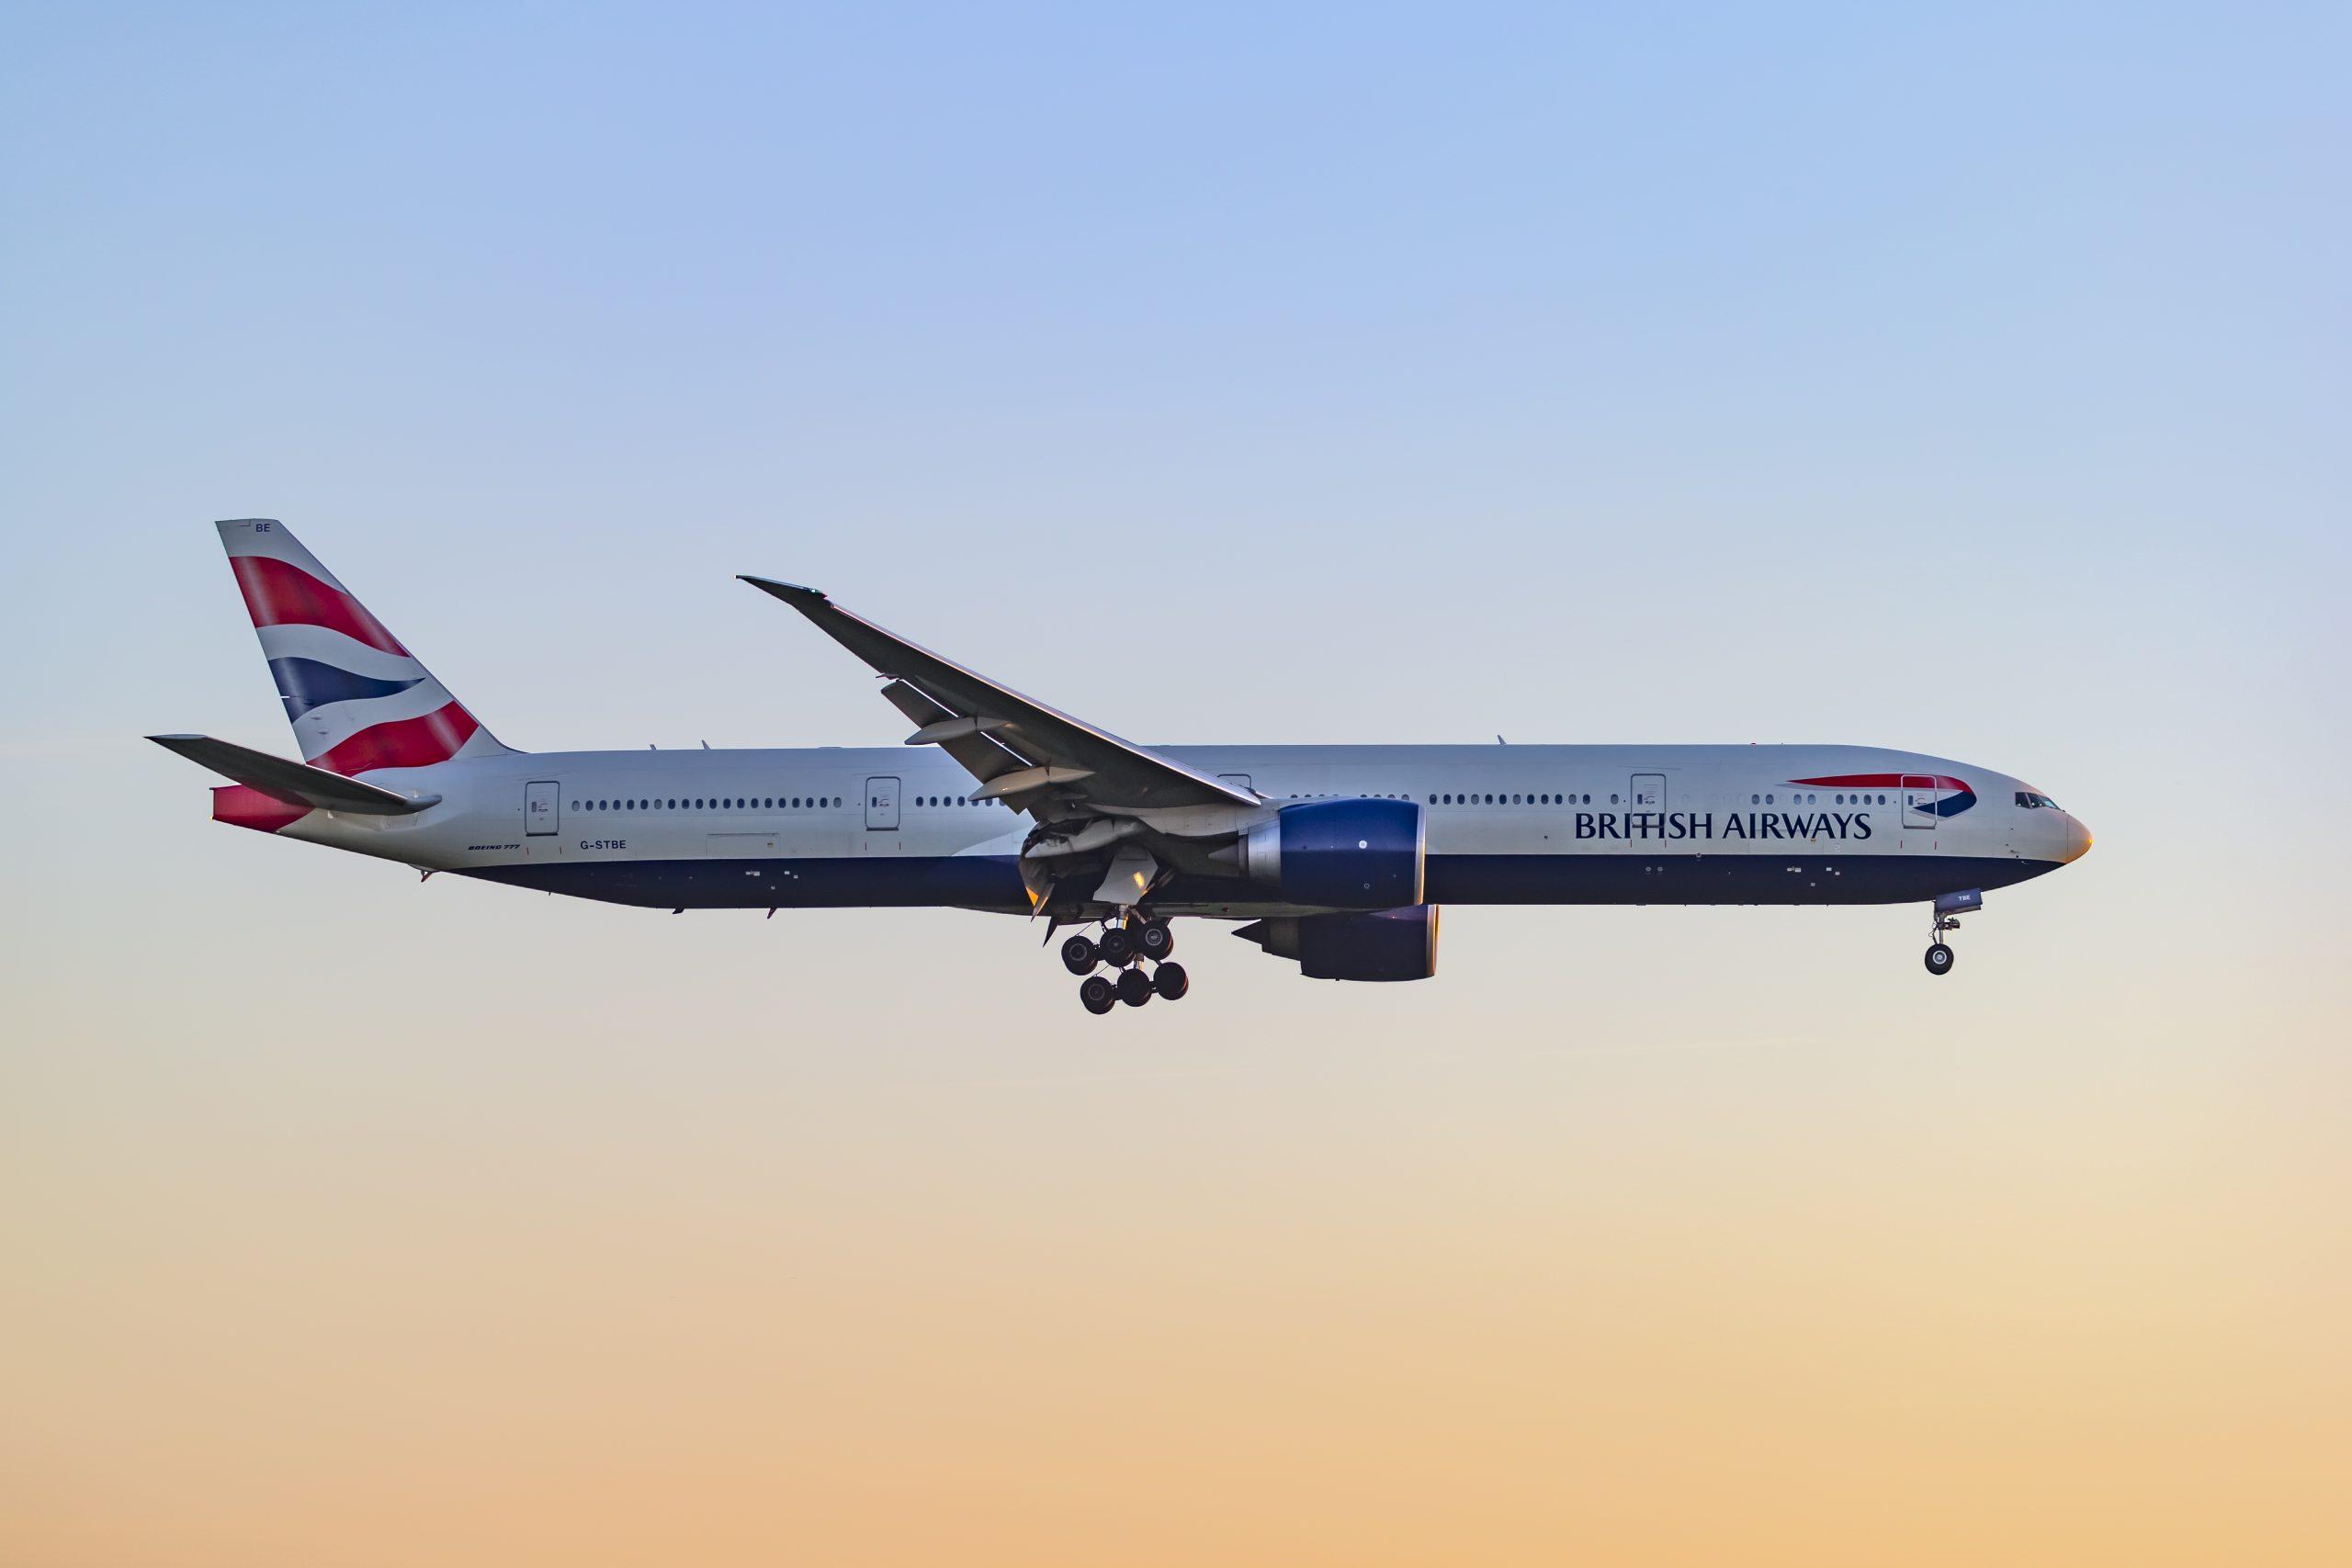 Boeing 777-300ER fra British Airways. (Foto: © Thorbjørn Brunander Sund | Danish Aviation Photo)